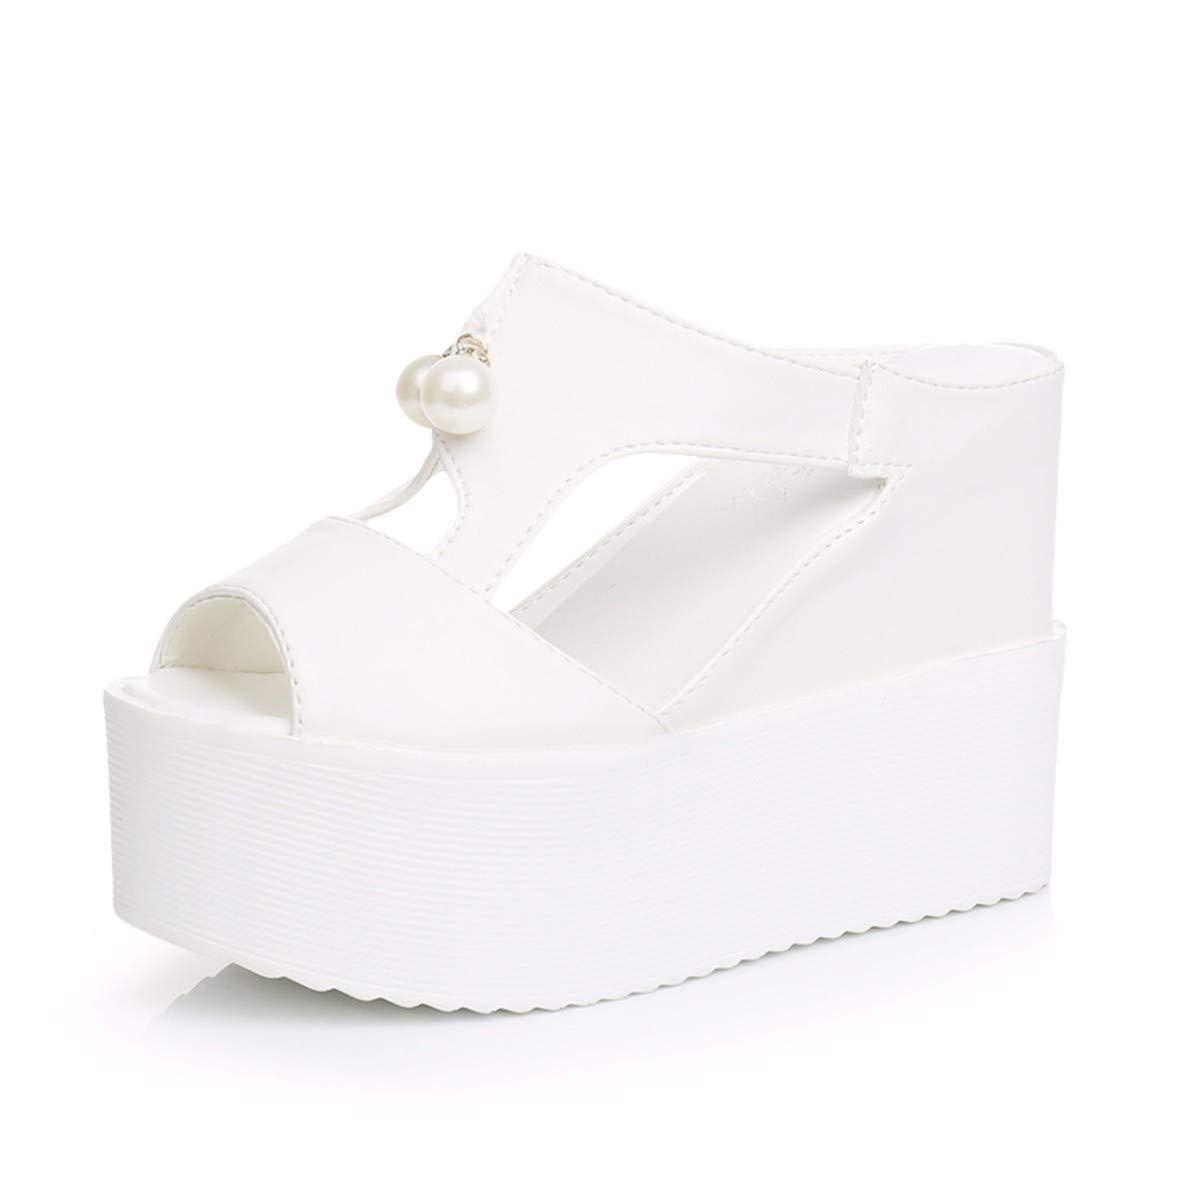 GTVERNH Damenschuhe Mode - Sommer - Mode Piste Sandale Muffin - Fisch Im Mund Kalt Ziehen Modische Außerhalb mit Perlen mit Einem Mädchen Weiße Weißlich - Produkte 99f25f